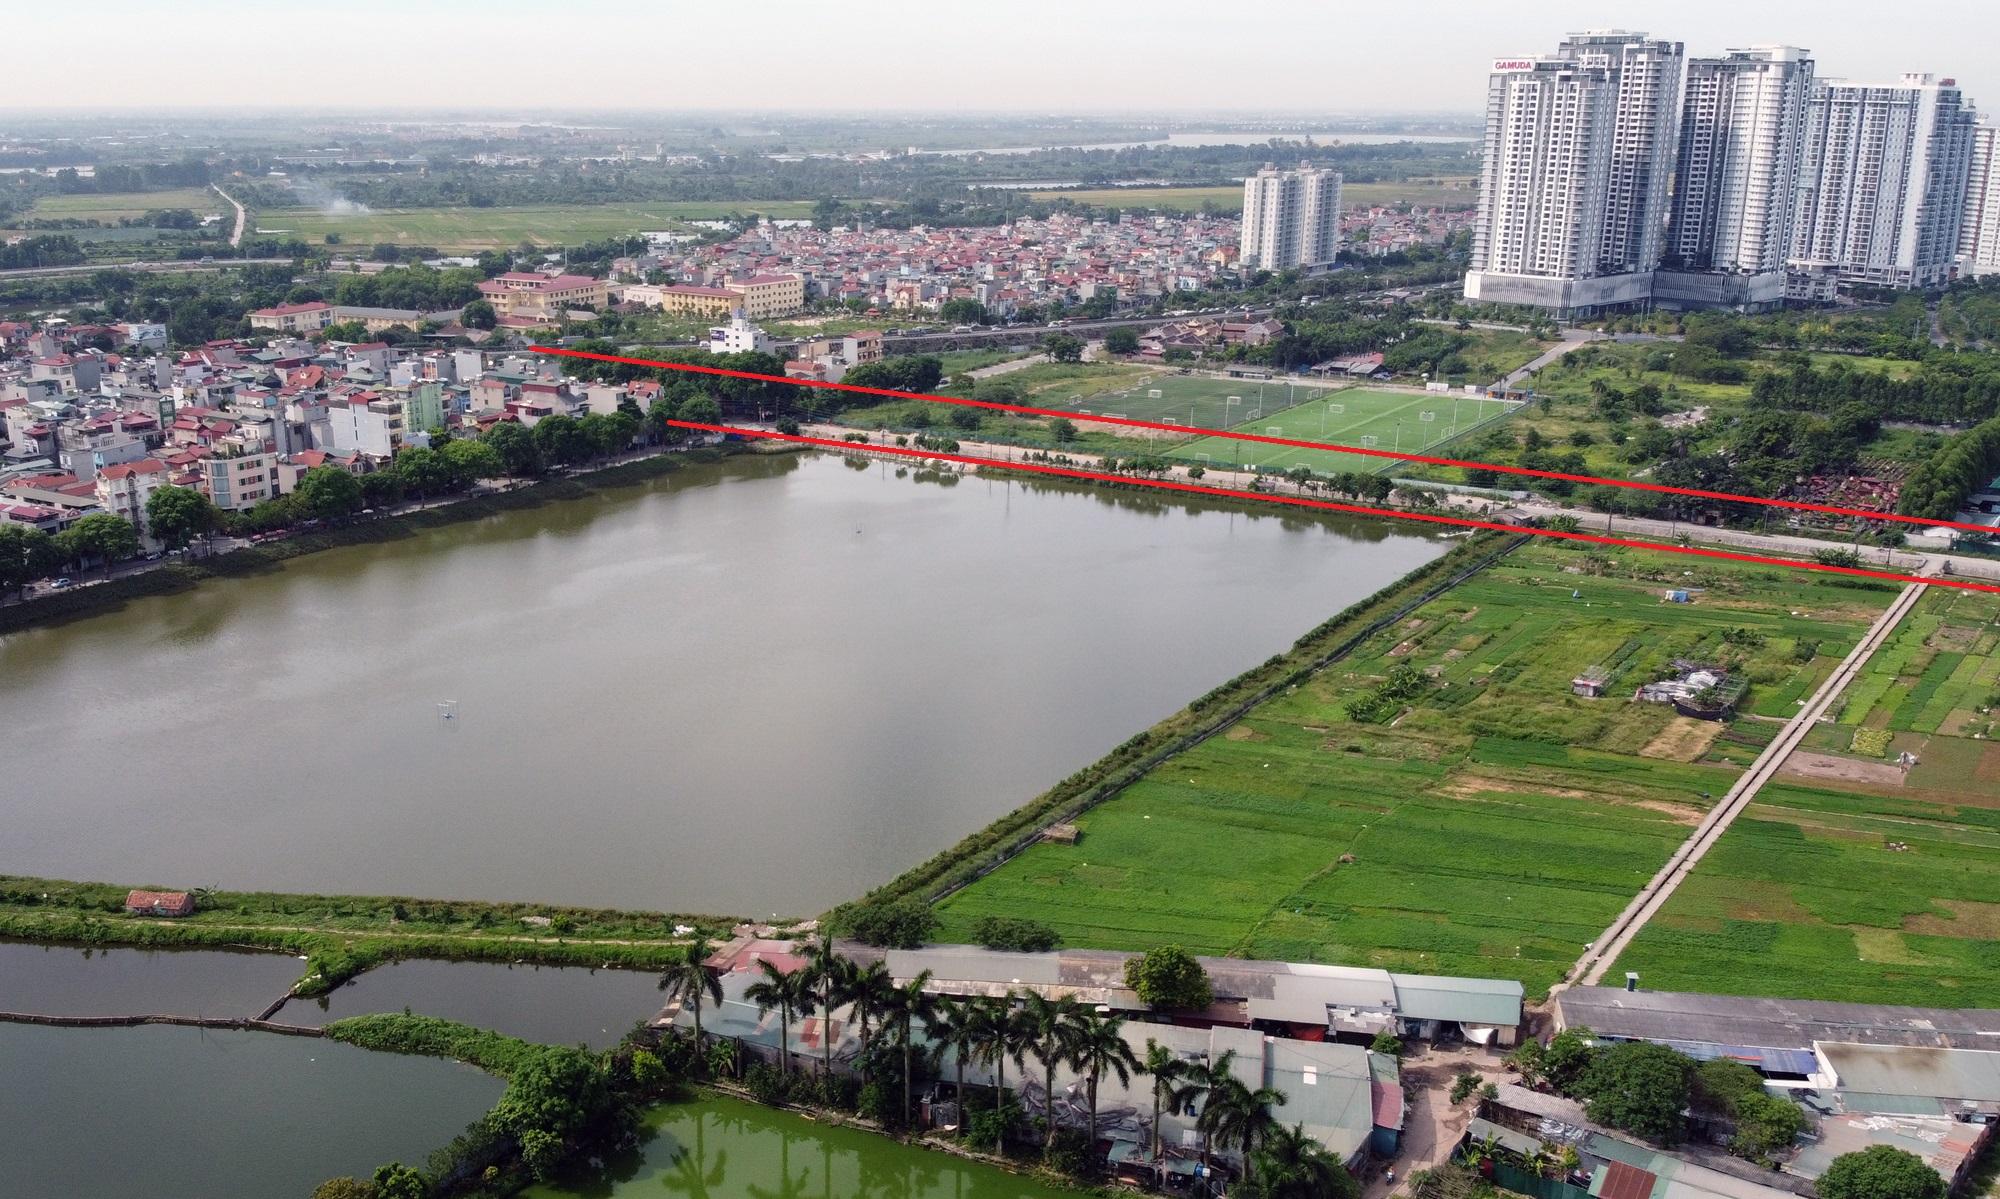 đường sẽ mở theo qui hoạch ở phường Trần Phú, Hoàng Mai, Hà Nội - Ảnh 7.